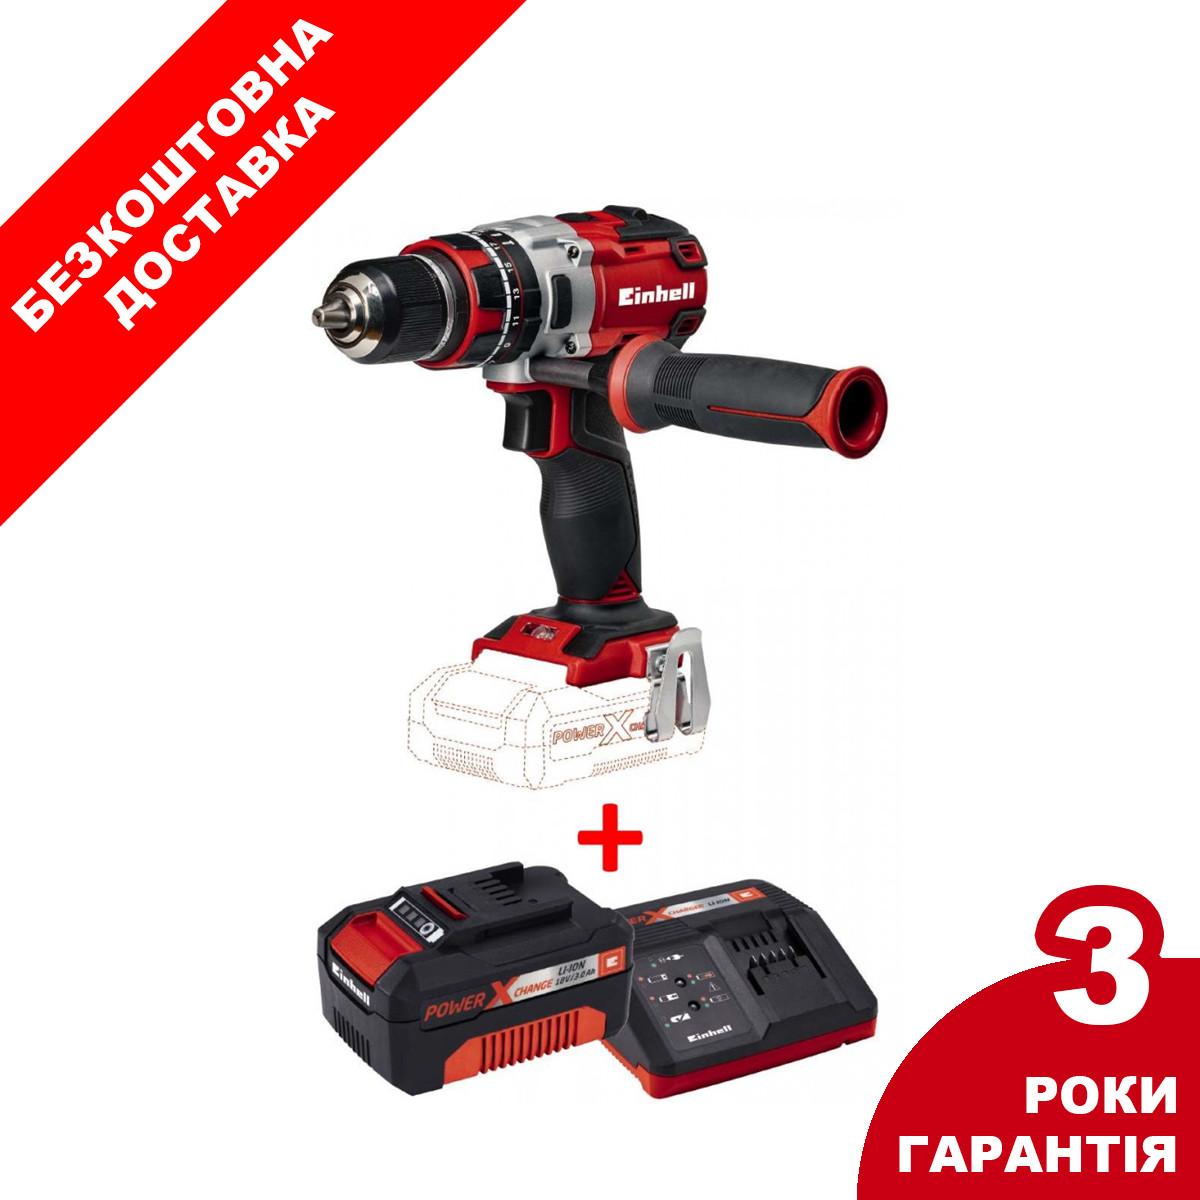 Набір ударний шуруповерт безщітковий Einhell TE-CD 18 Li-i Brushless - Solo + зарядний пристрій і аккумулято